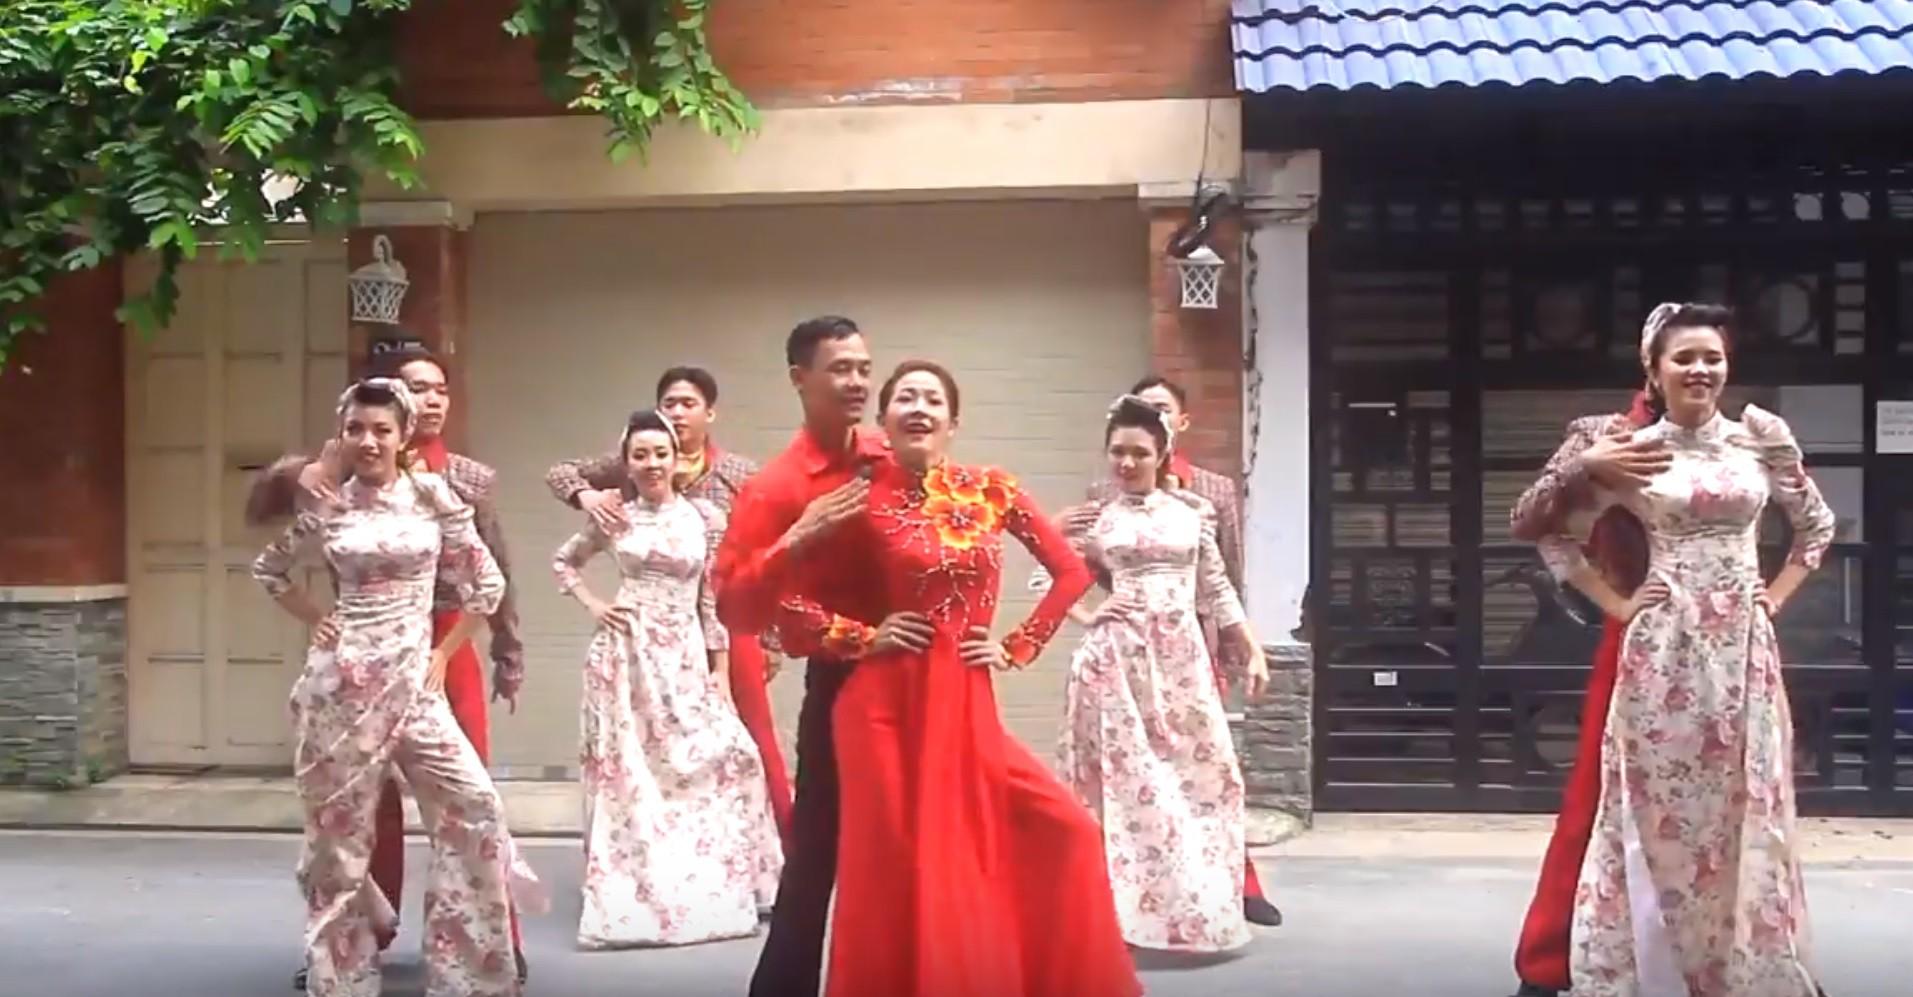 Đám cưới của dancer có khác!